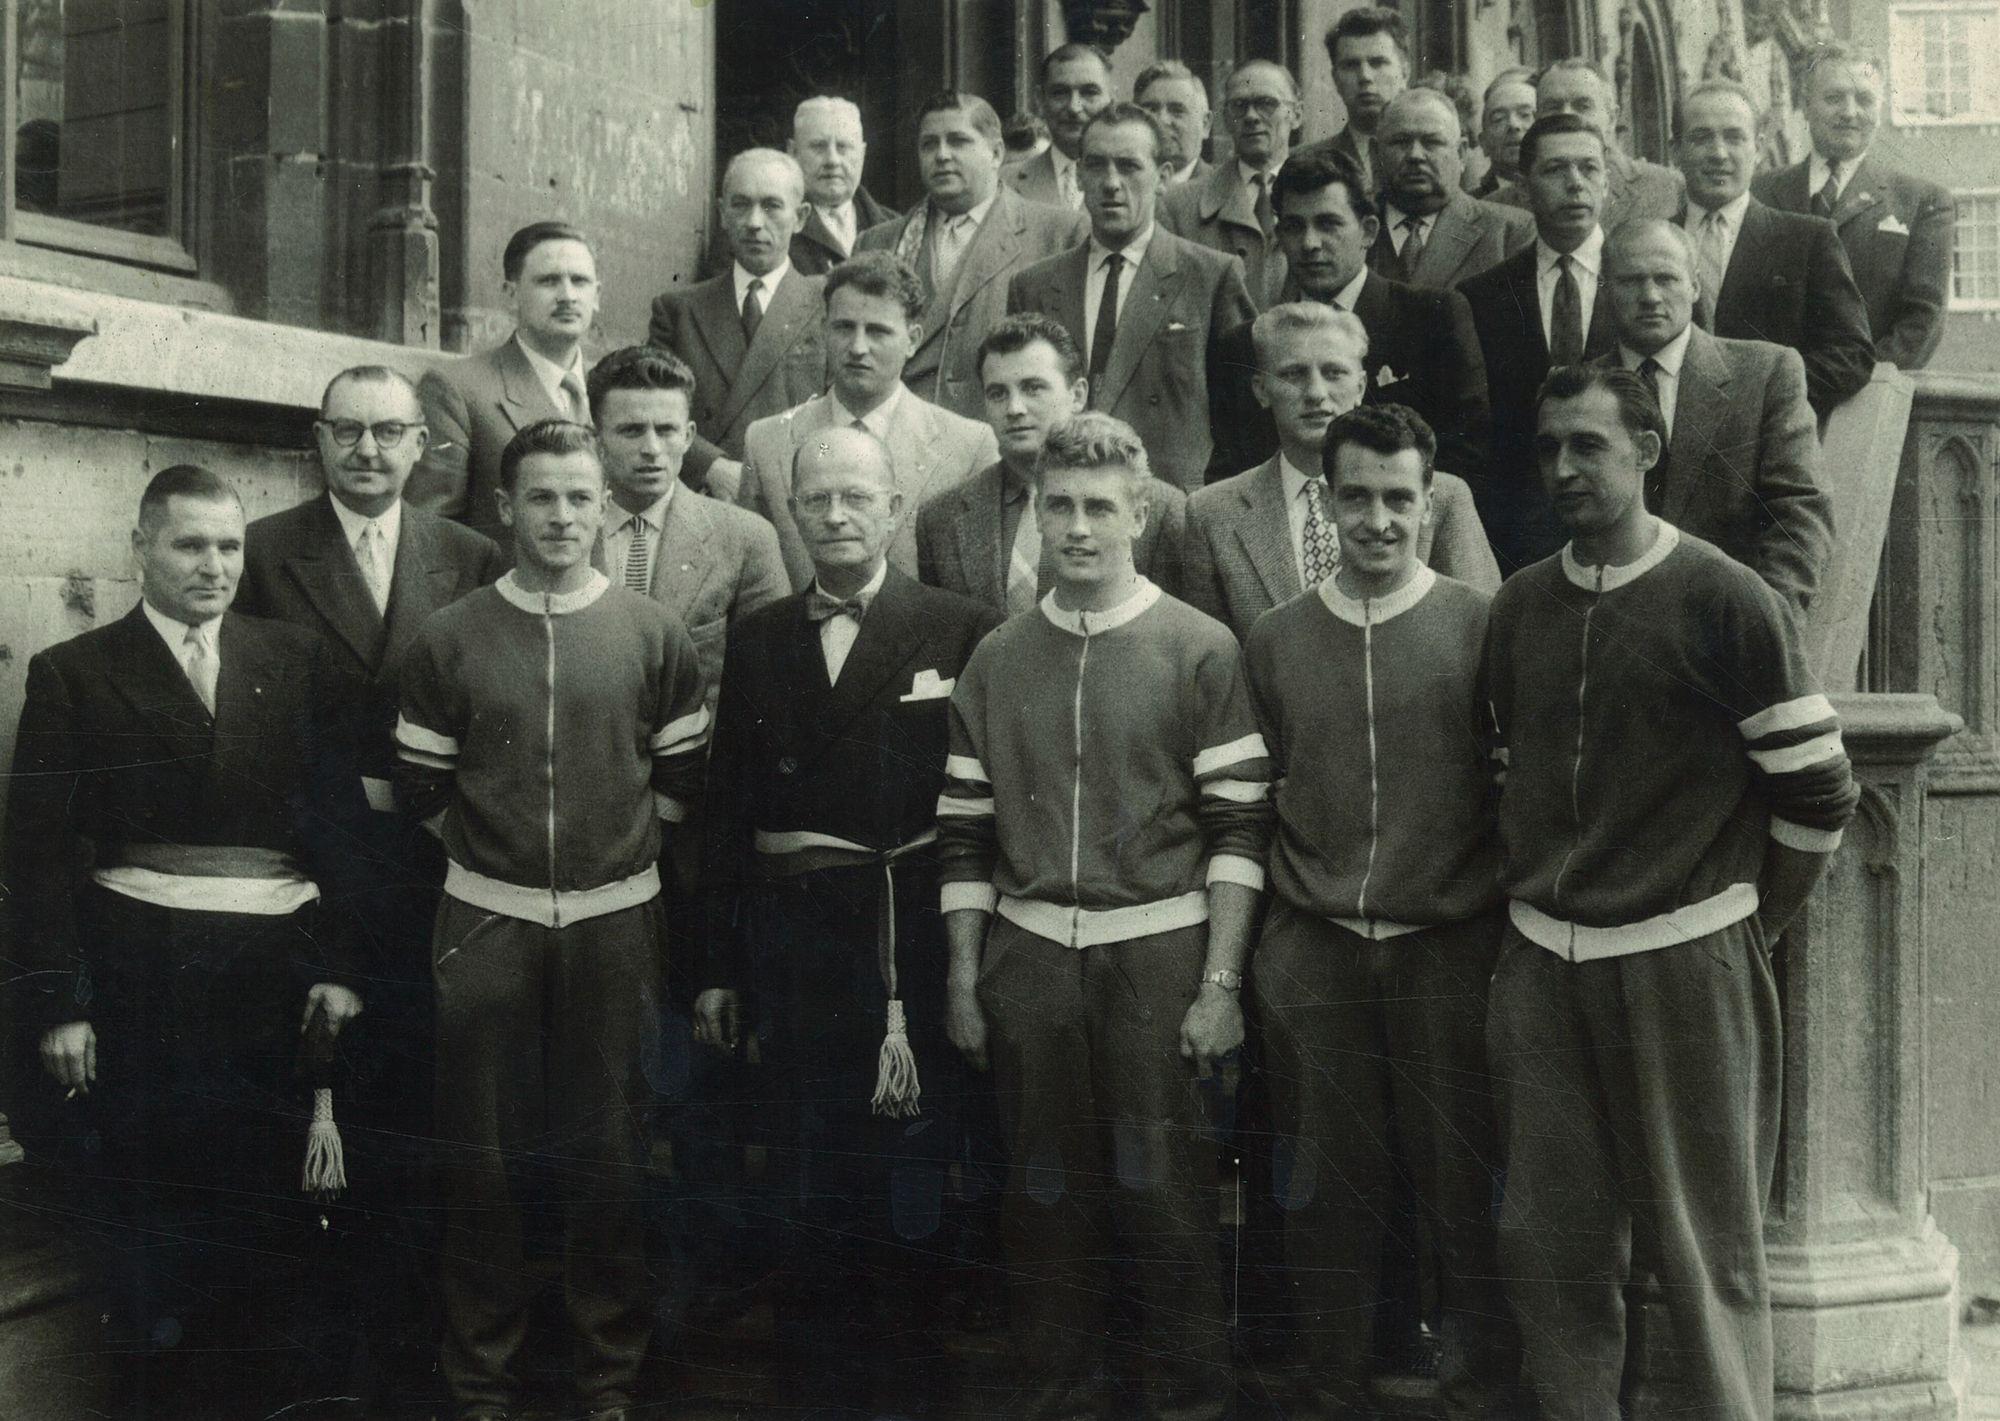 Burgemeester Coussens met sporters voor het stadhuis